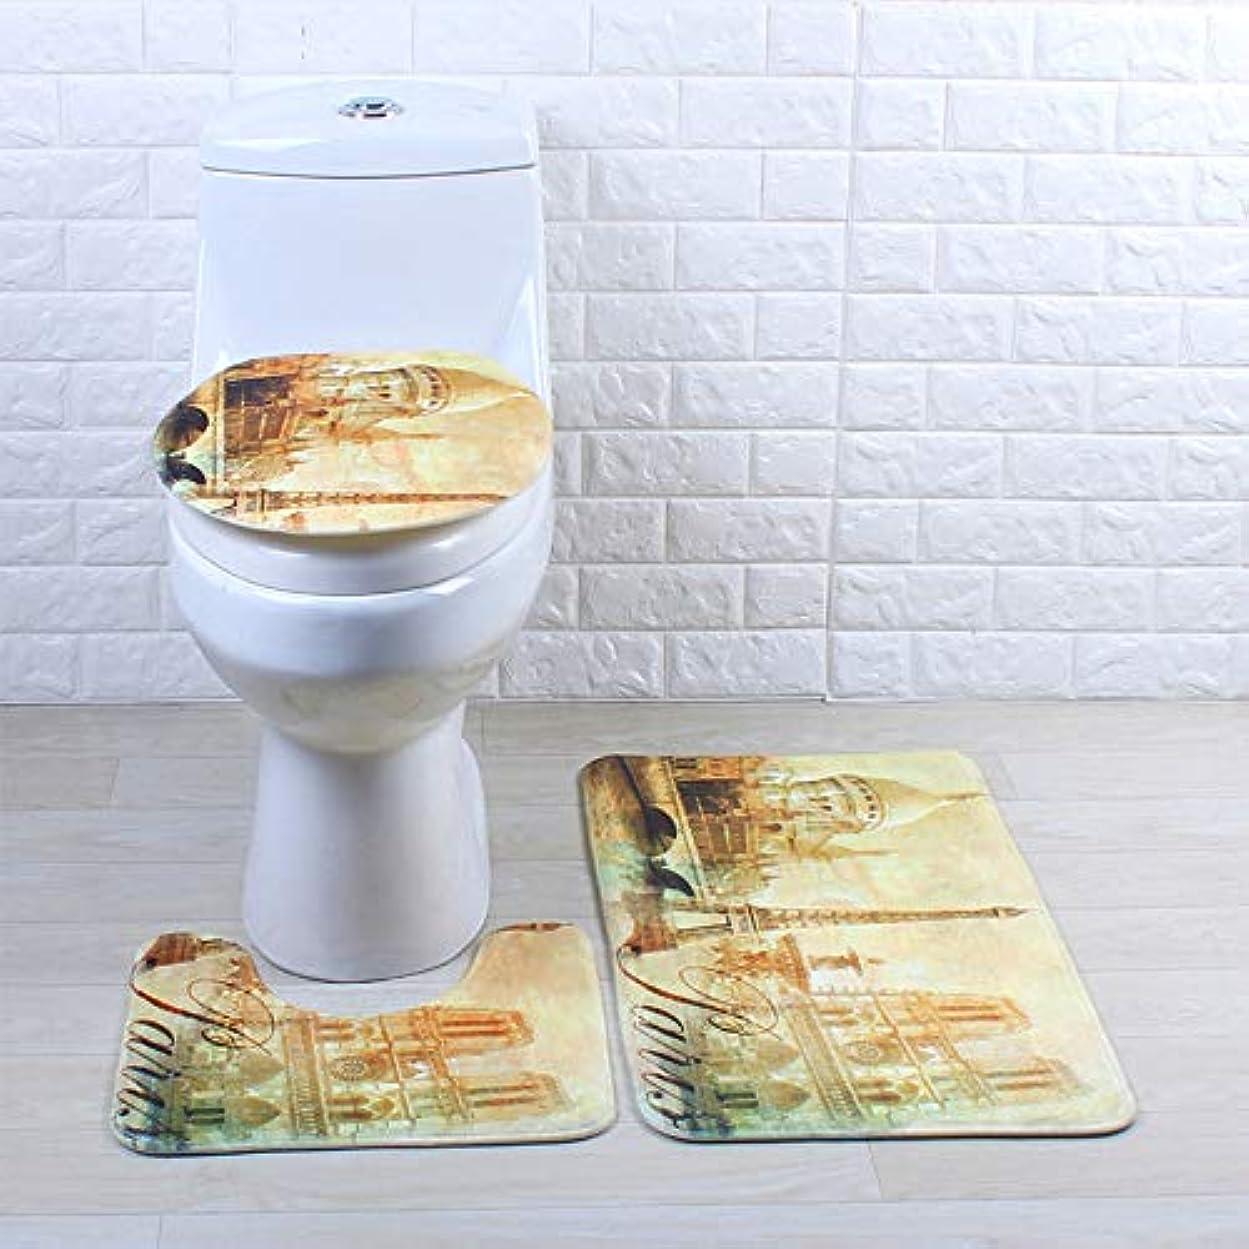 クランシー不名誉な応答3ピース/セットオーシャンパターンバスマット浴室滑り止めマットセットフランネル吸収トイレシートカバー敷物バスルームアクセサリー (I)